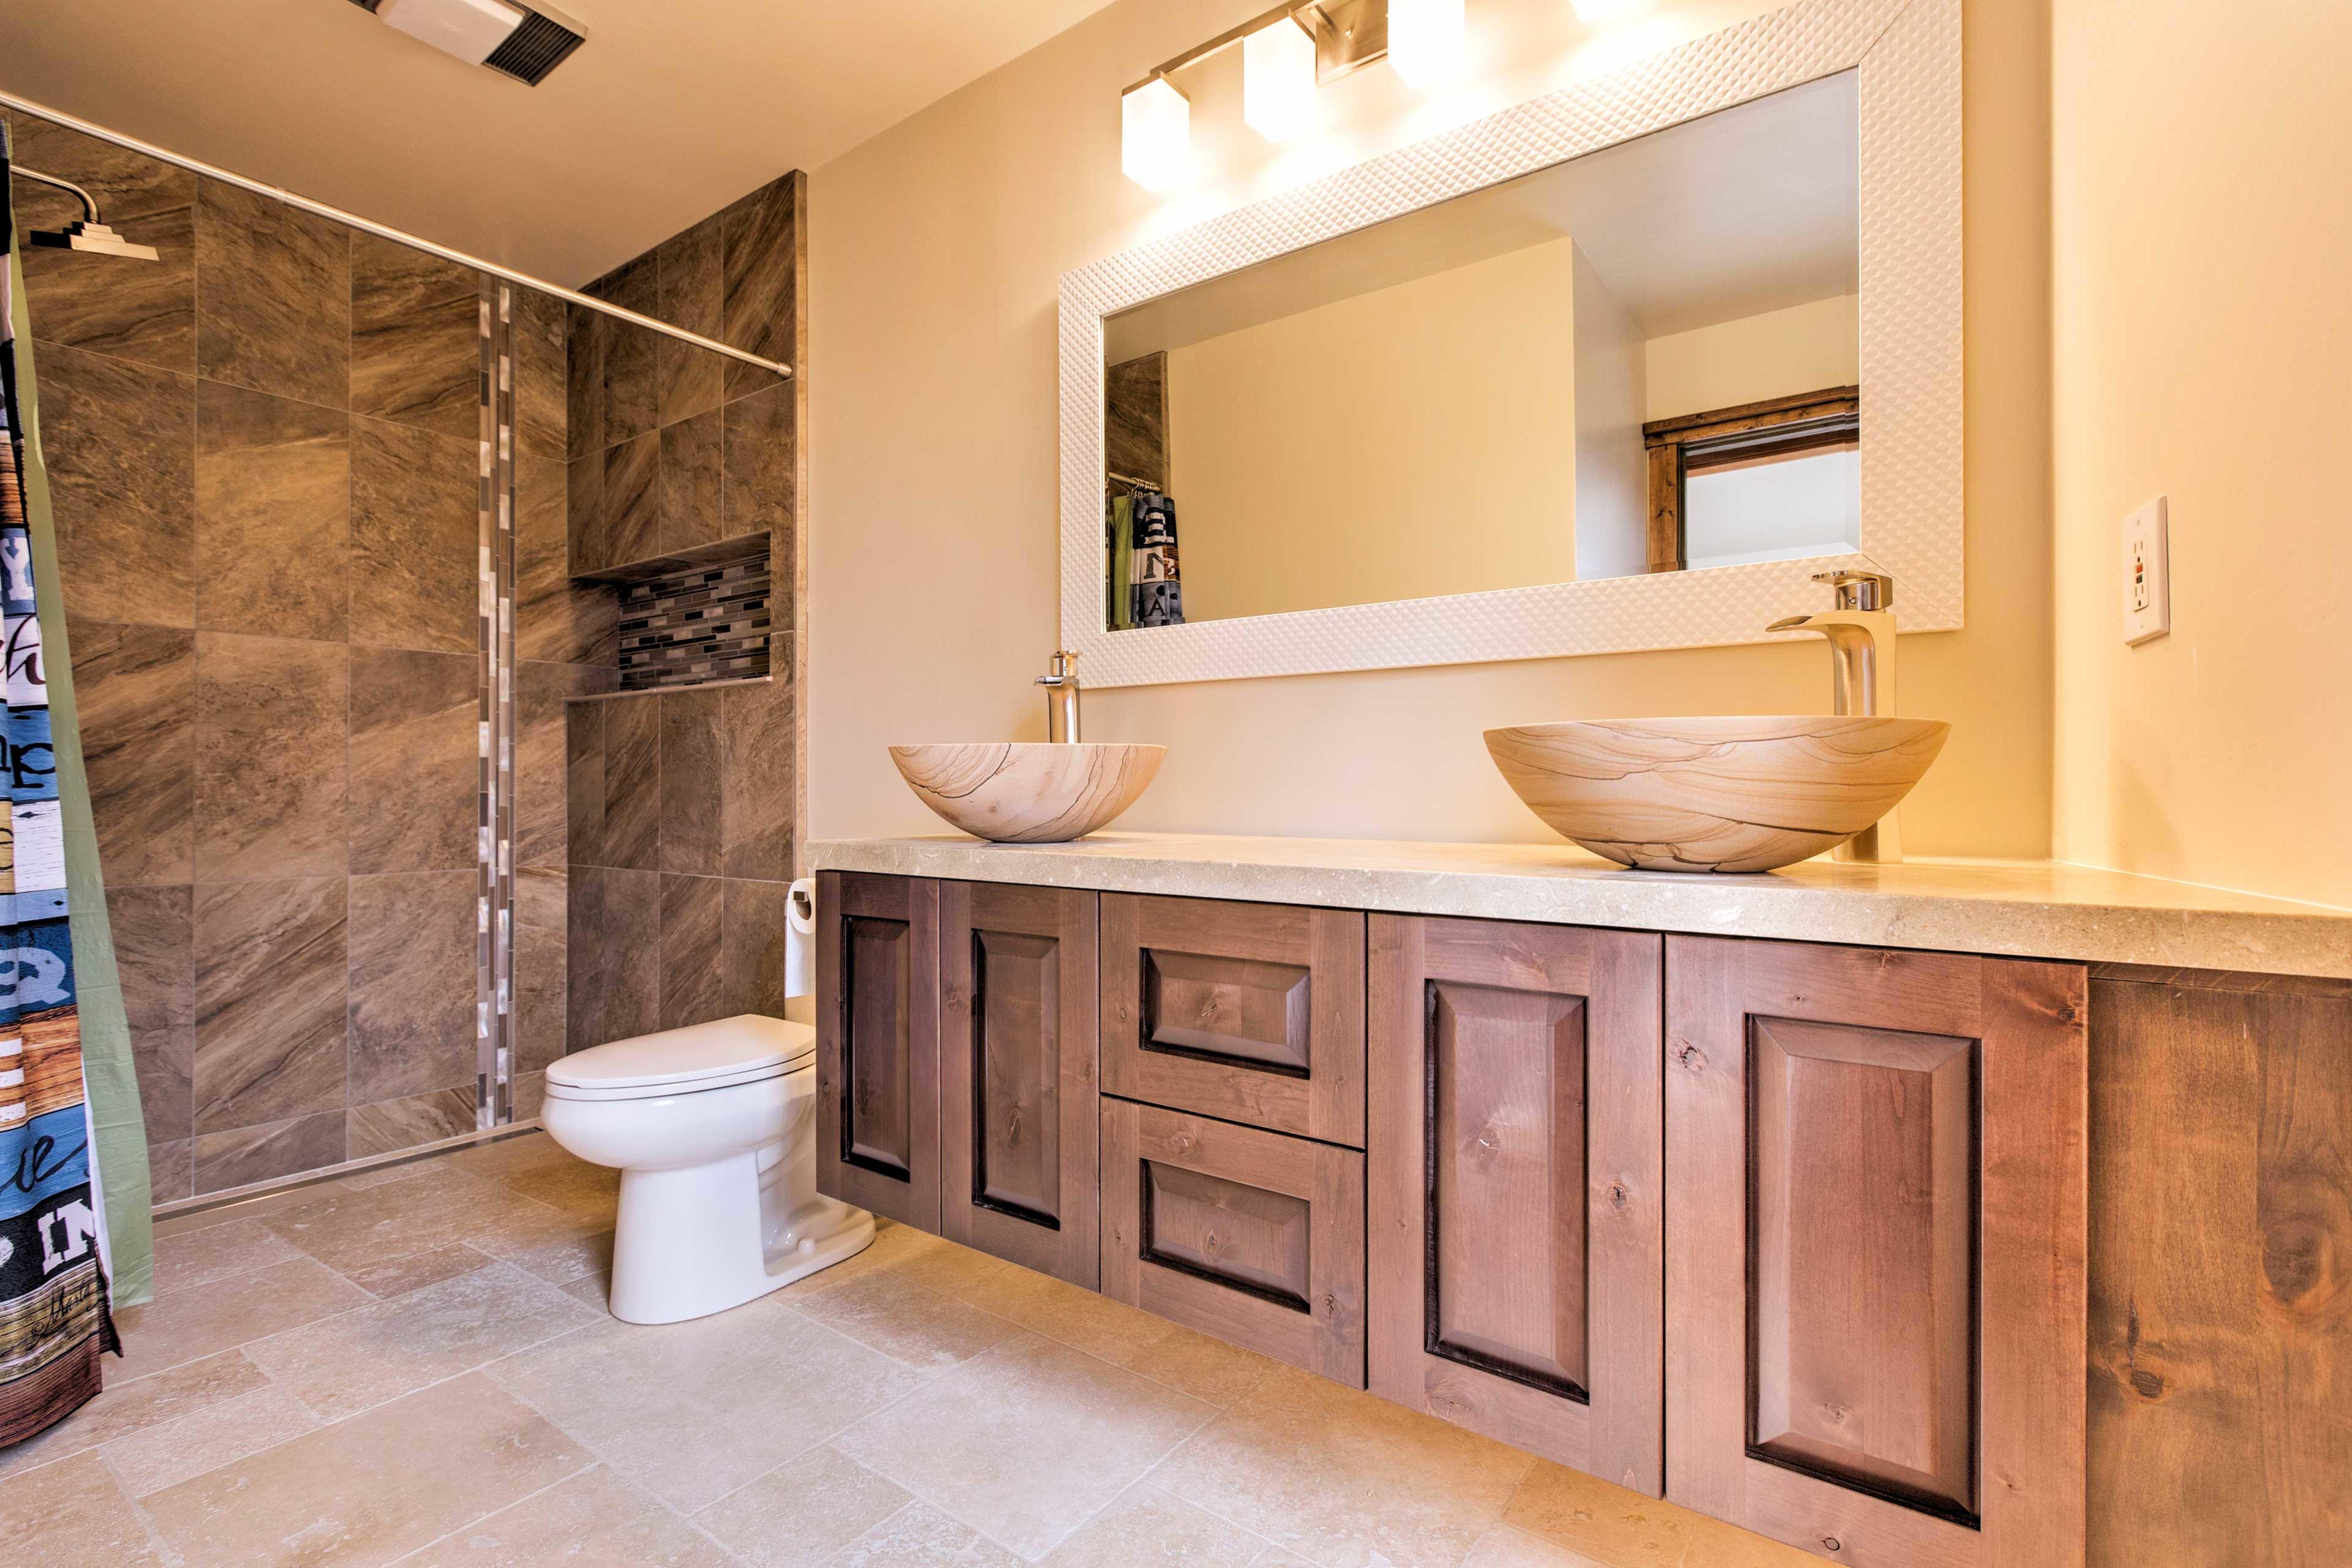 Newly updated bathrooms add elegance.